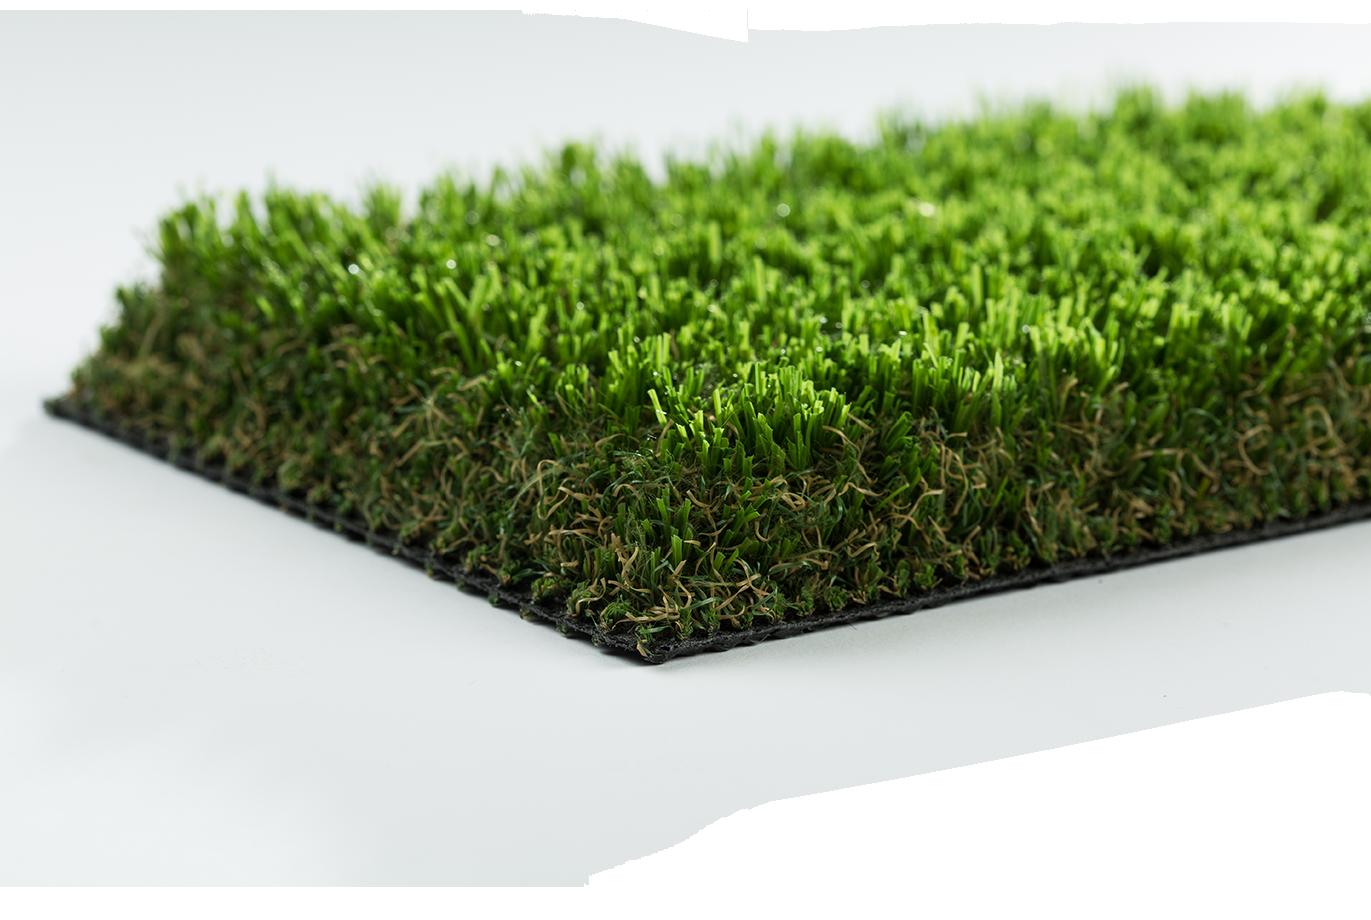 Gras afbeelding